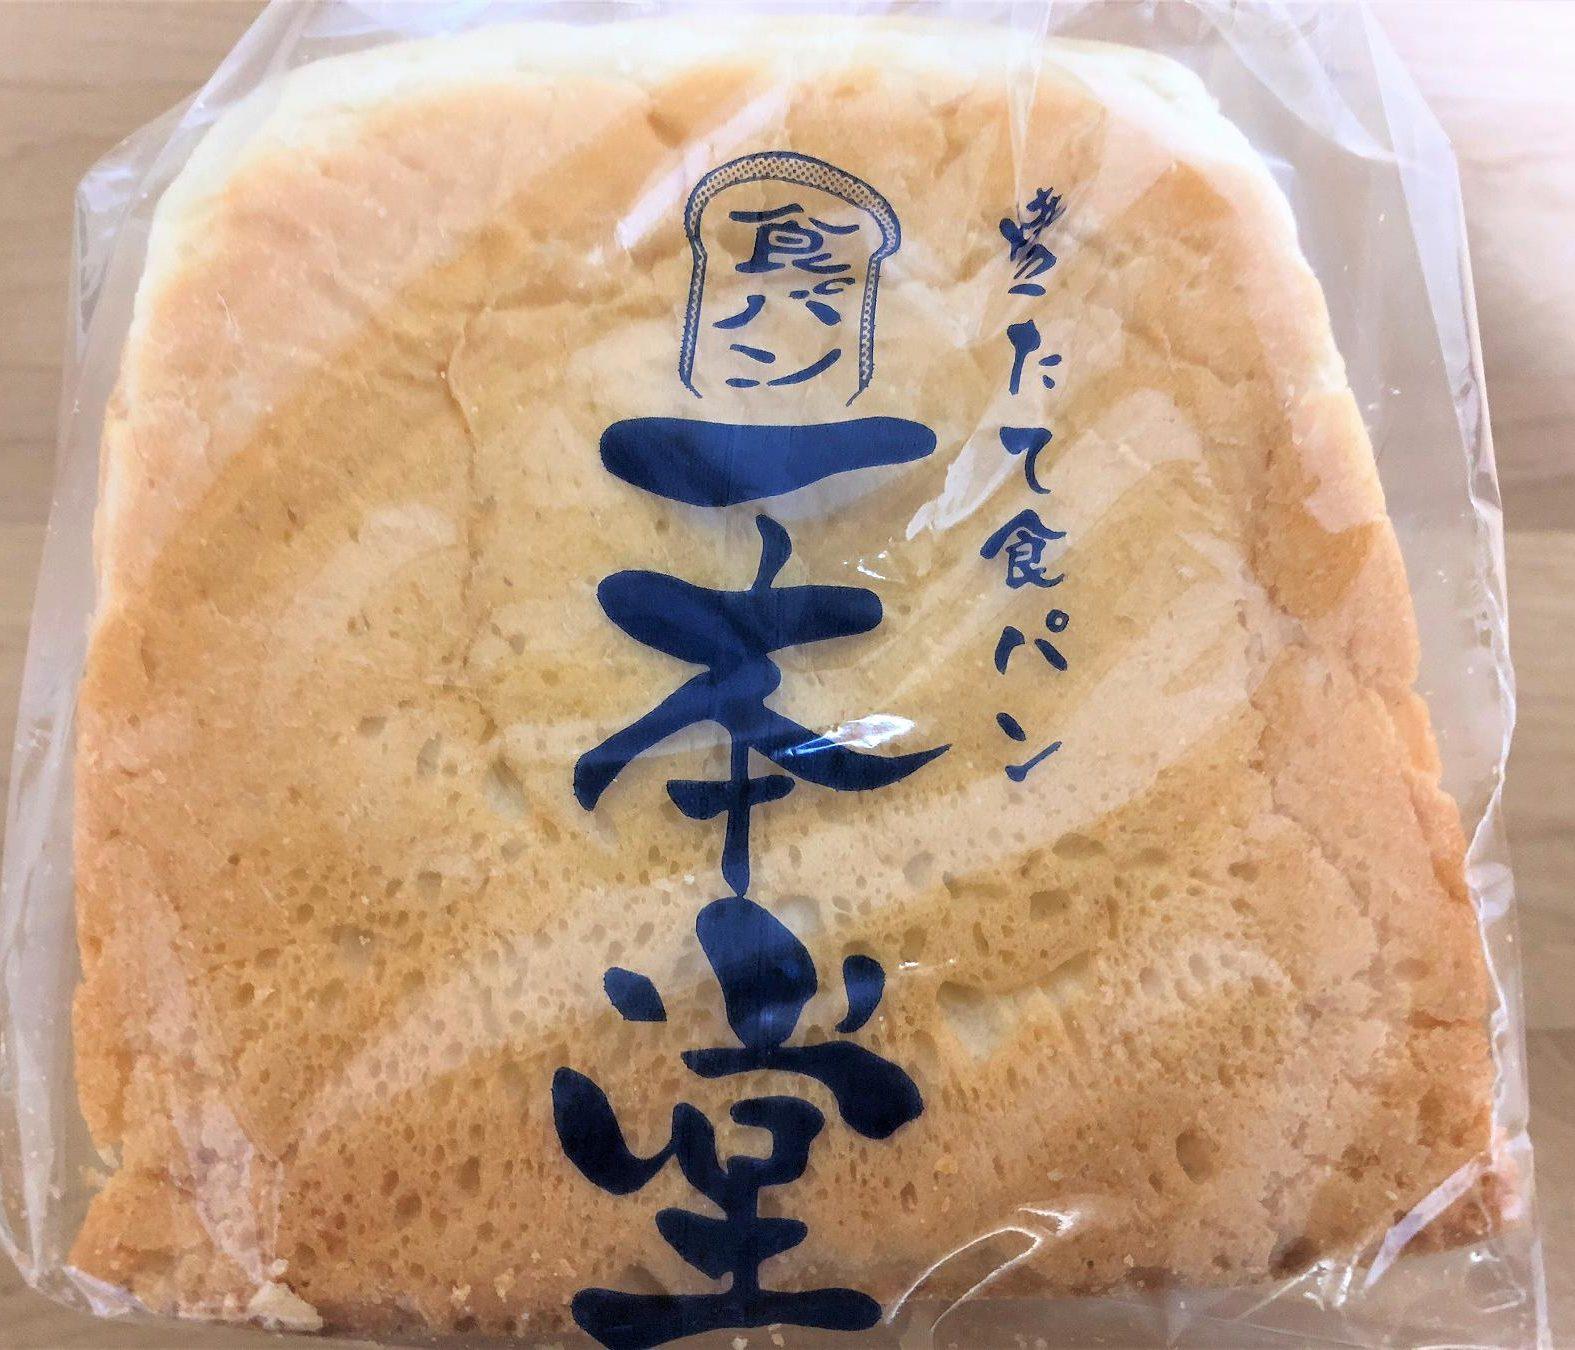 東灘・甲南山手の食パン専門店「一本堂」で、夏季限定「アイス食パン」を買って食べてみた! #食パン専門店 #一本堂 #新規オープン #甲南山手 #アイス食パン